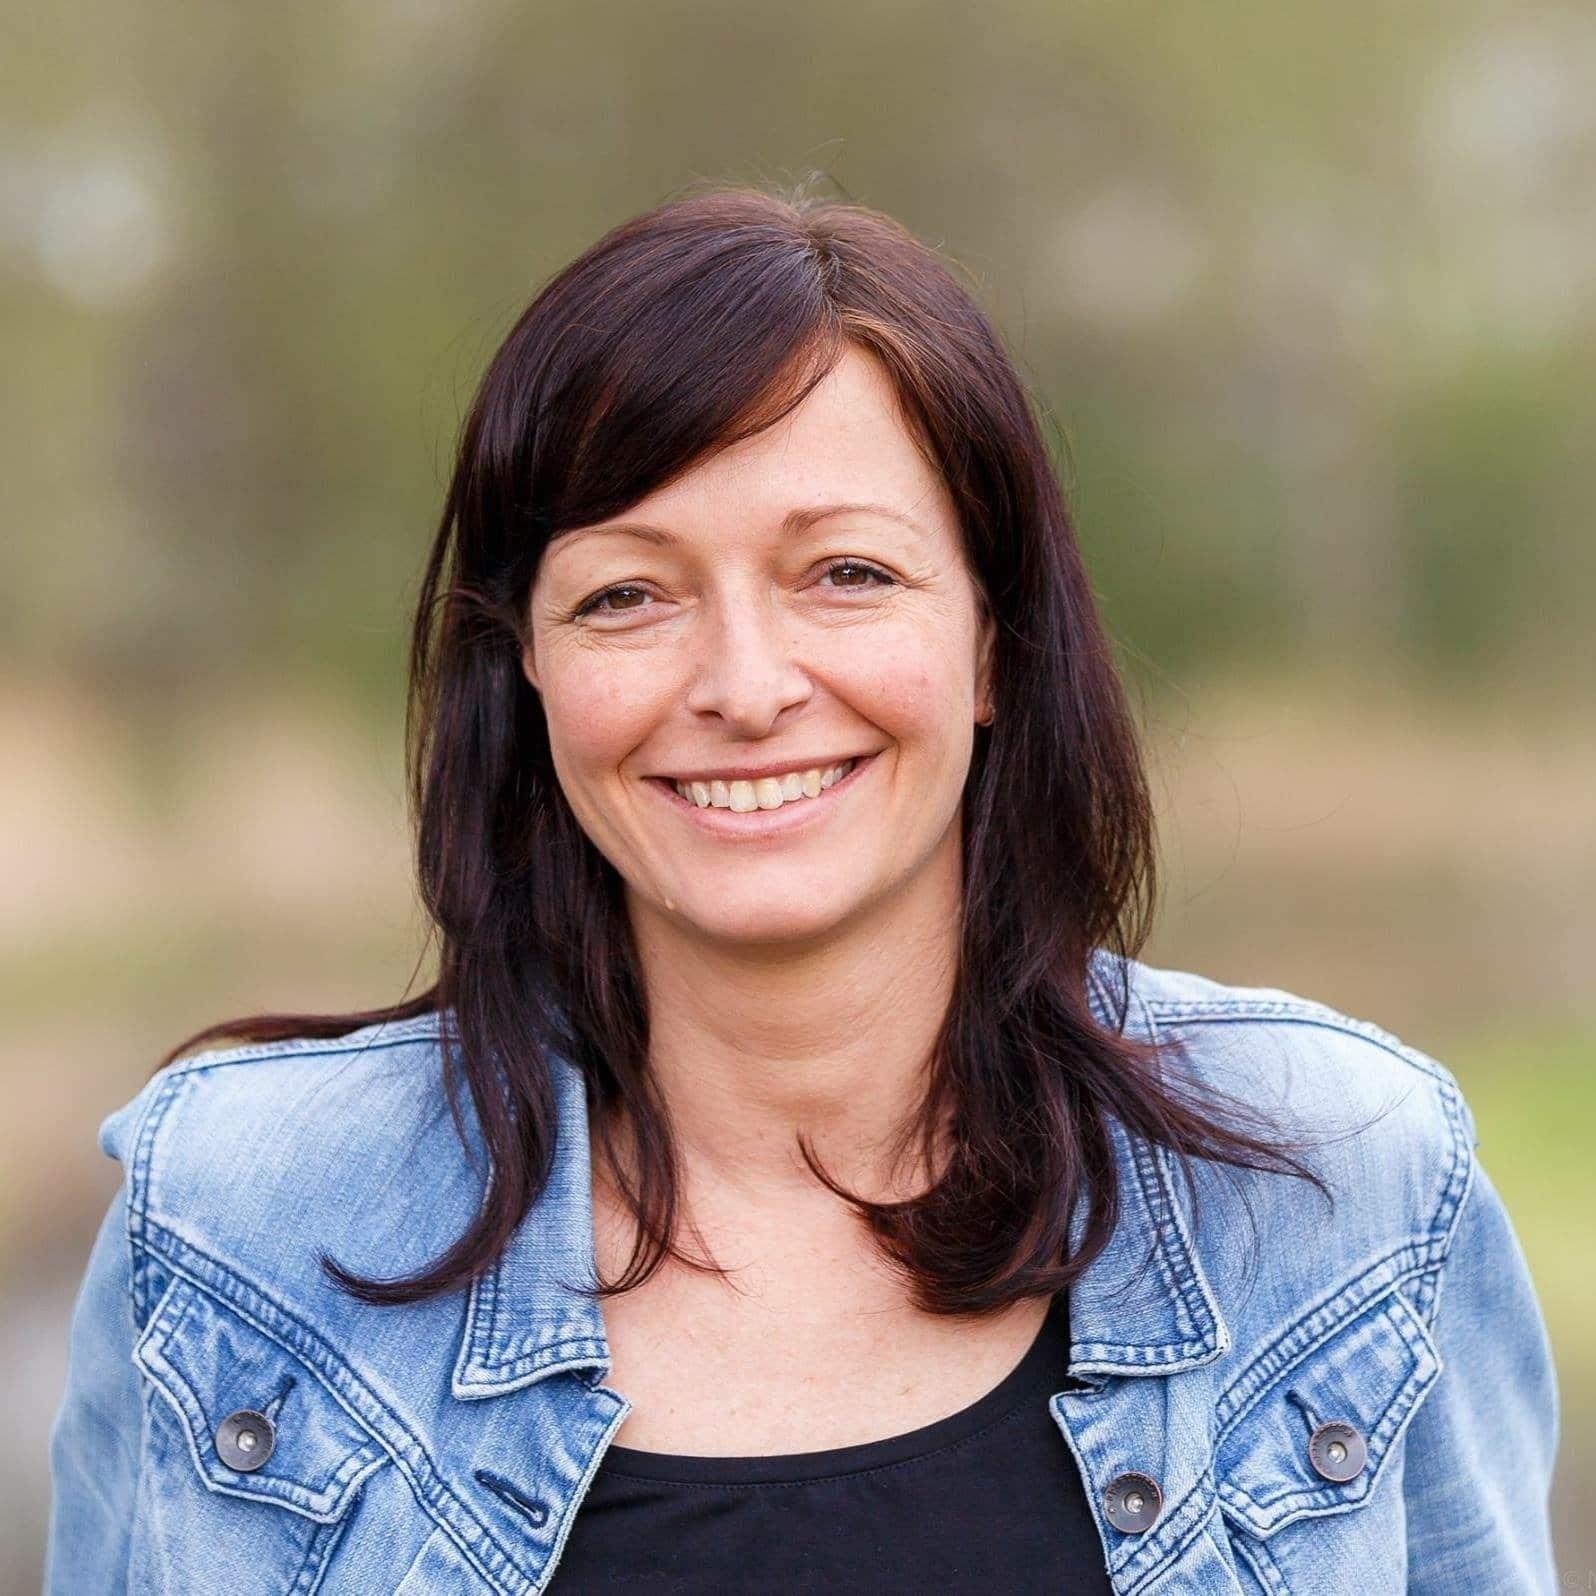 Louisette Blikkenhorst